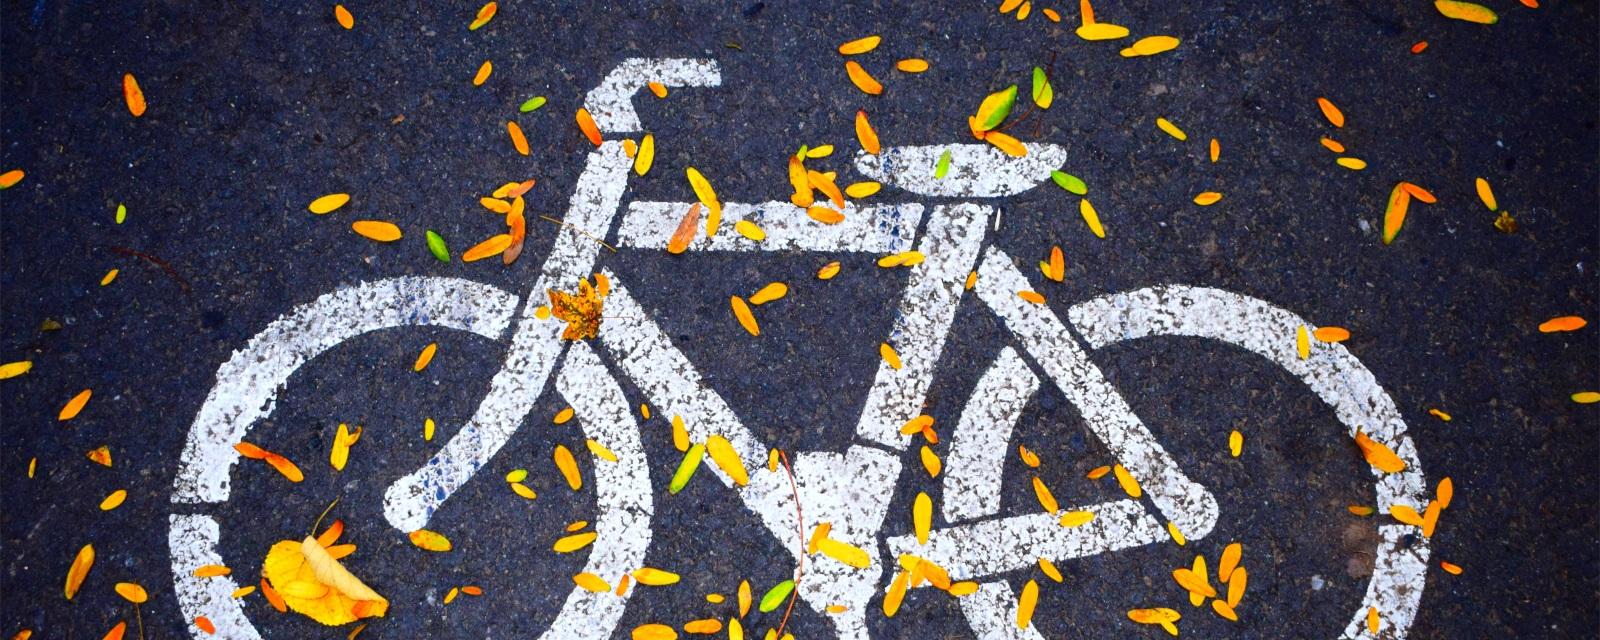 <h2>Veilig verkeer</h2><div>We zetten fietsers en voetgangers op één. Zo maken we de wegen veiliger en de lucht  gezonder</div>